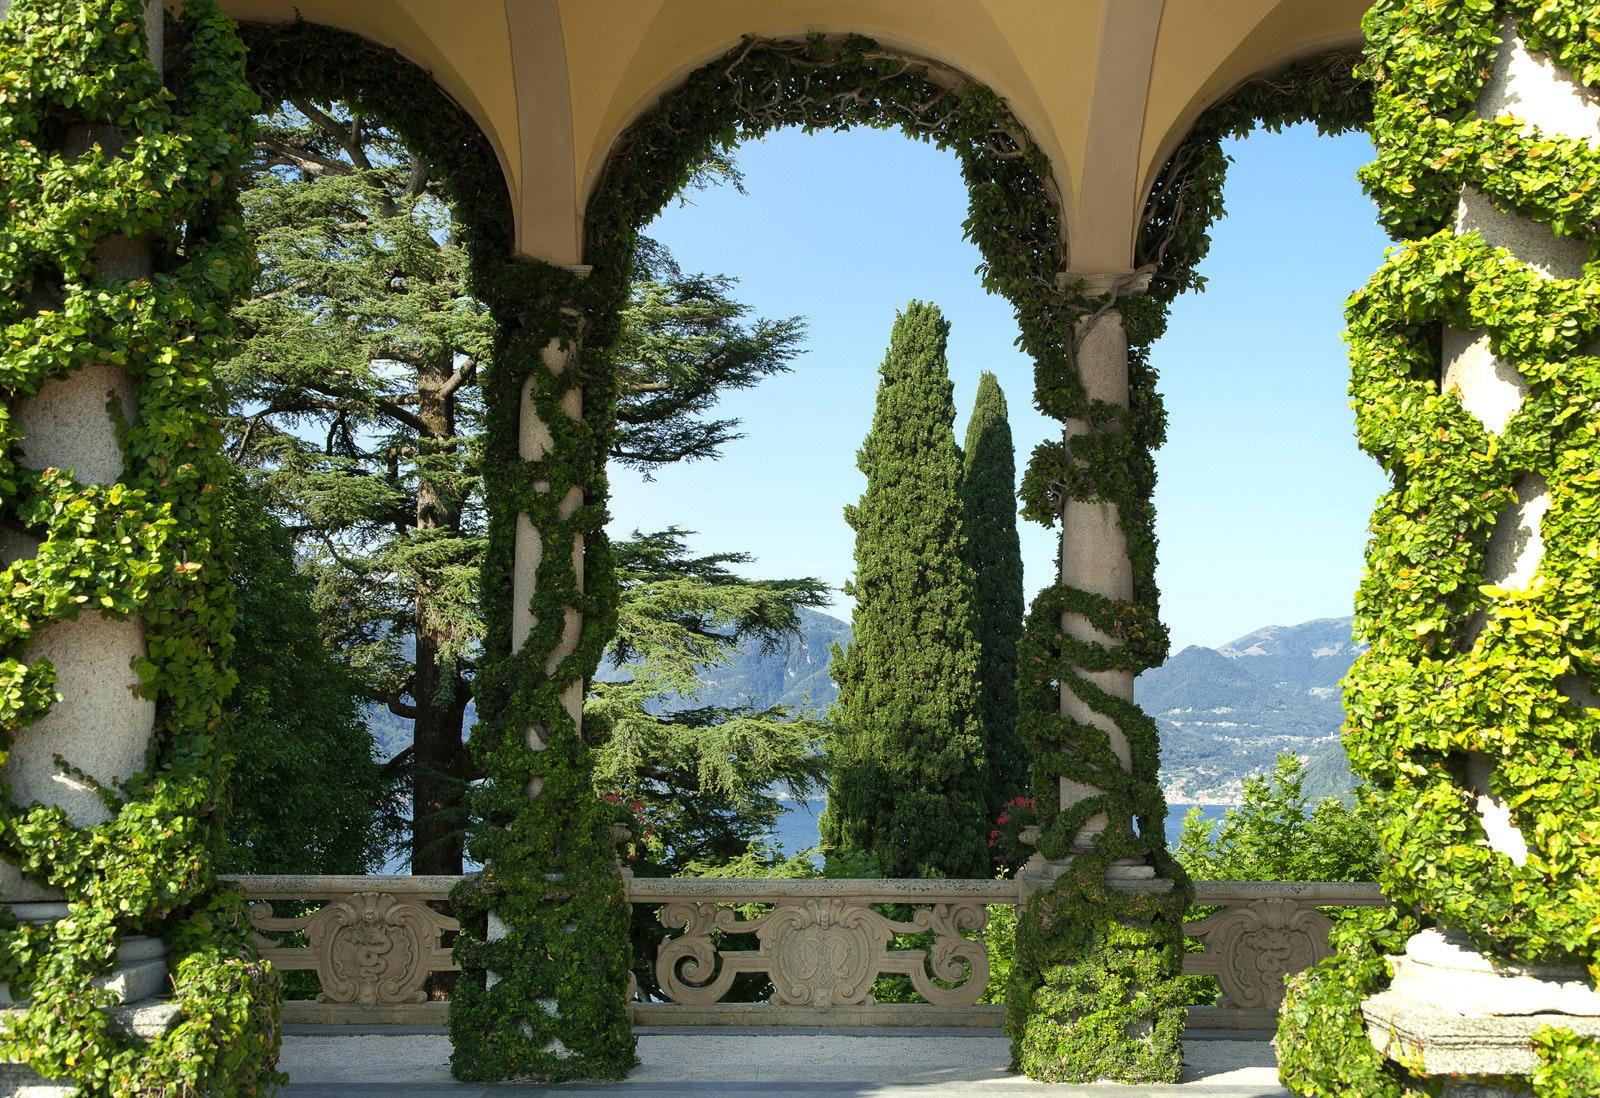 Particolare della Loggia Durini con Ficus Repens, VILLA DEL BALBIANELLO, TREMEZZINA, COMO